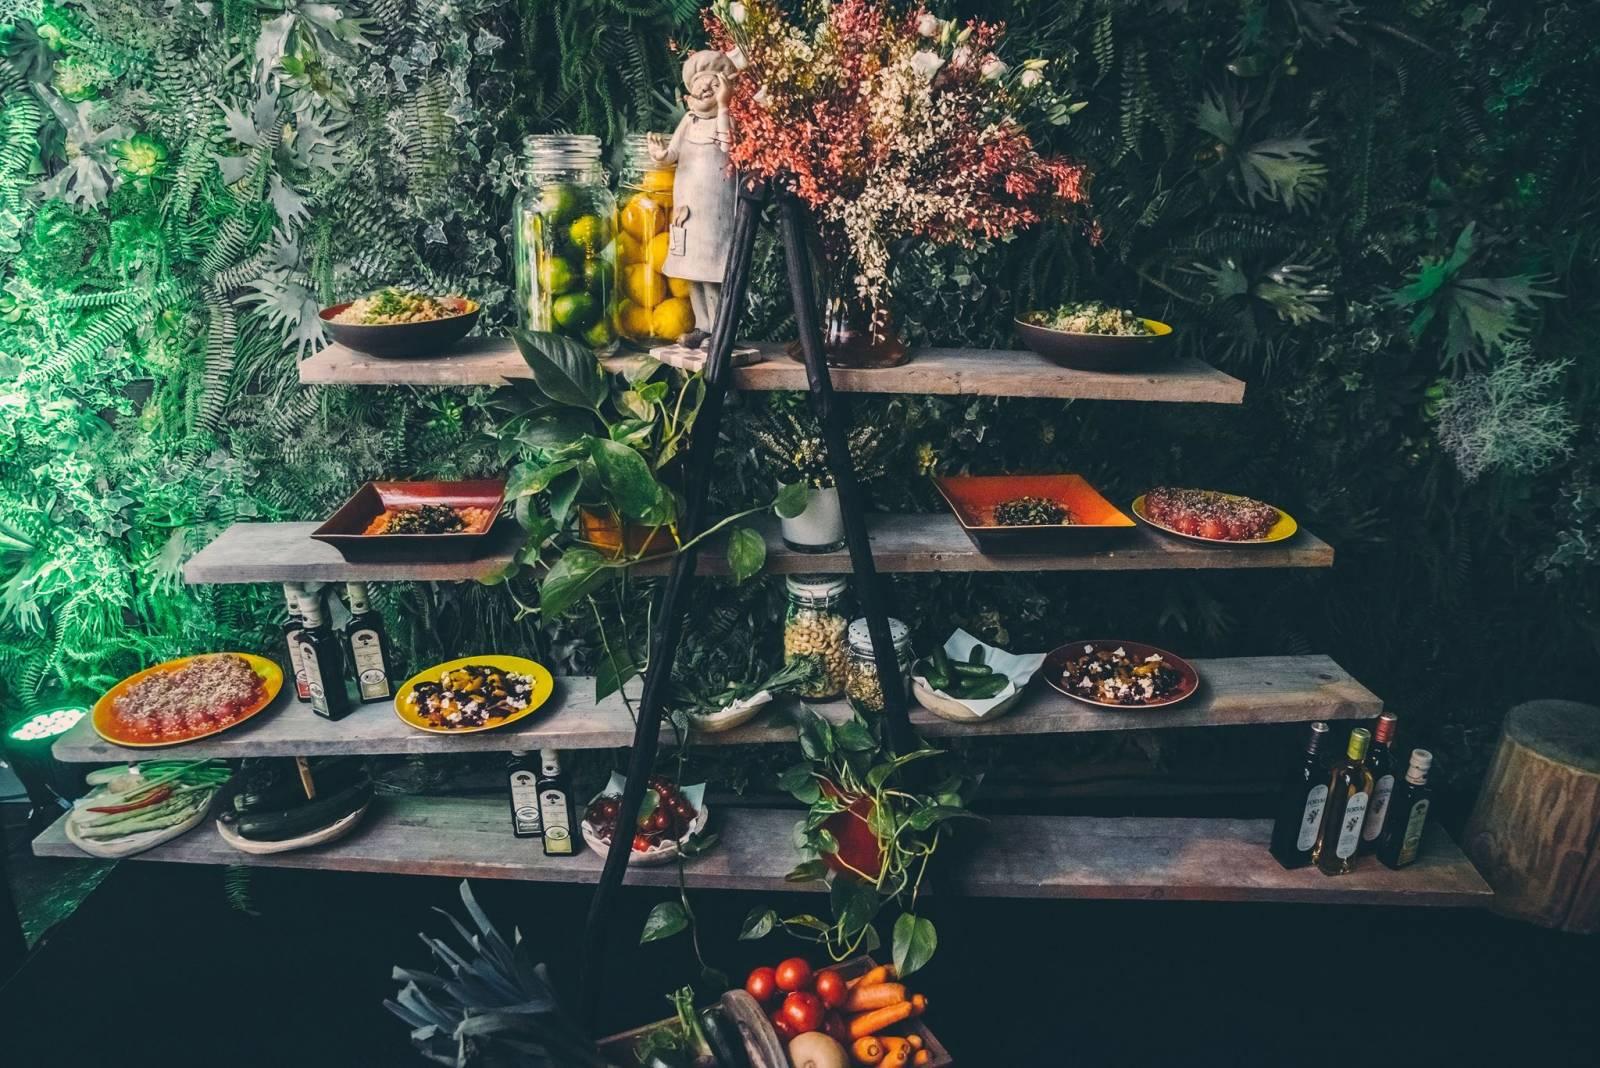 Dîner Privé - Catering Huwelijk Trouw Bruiloft - Cateraar - Traiteur - House of Weddings - 5